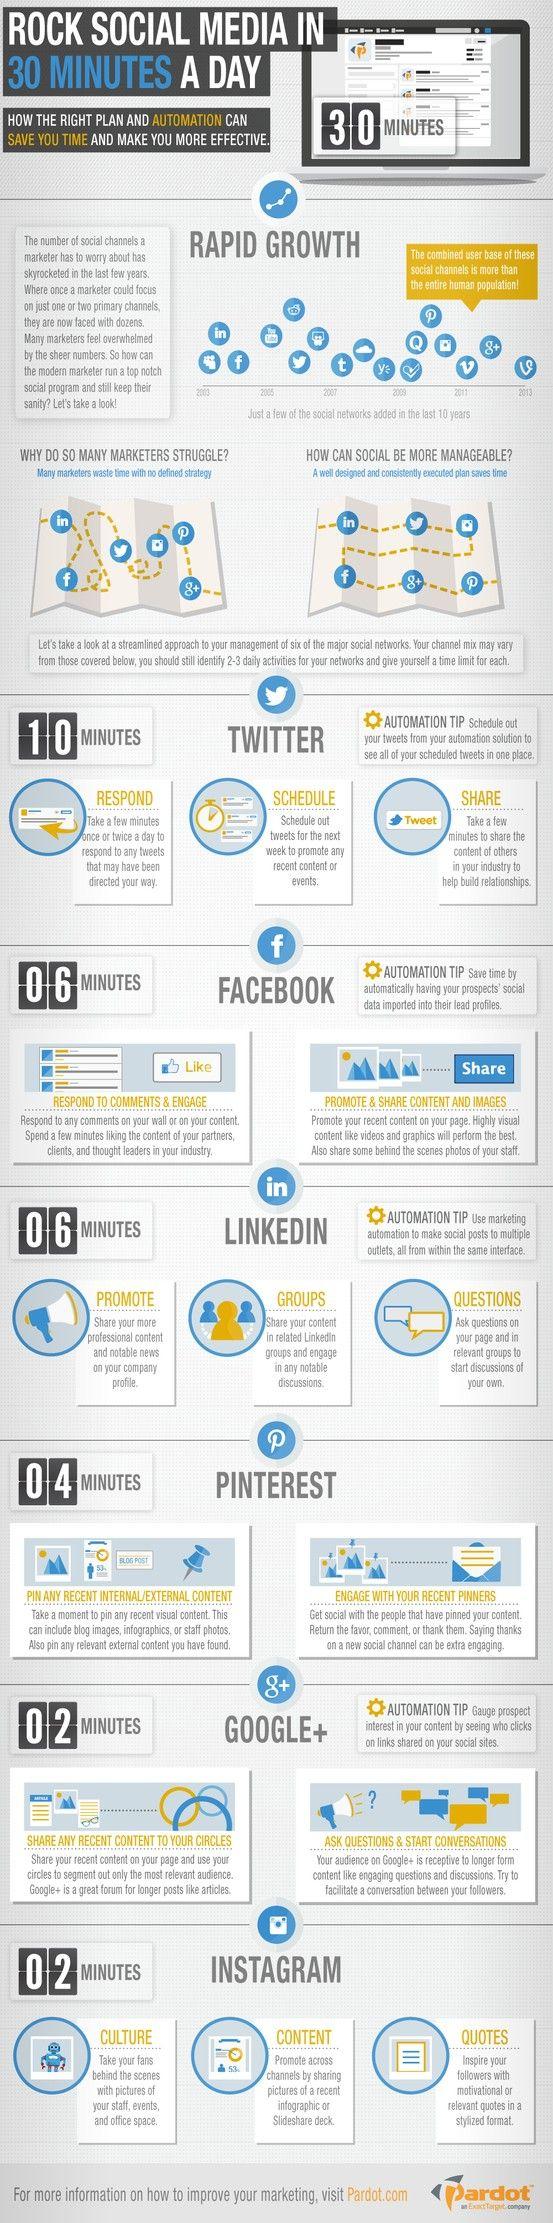 Como se tornar o rei das Redes Sociais usando apenas alguns minutinhos do seu dia. #Infographic